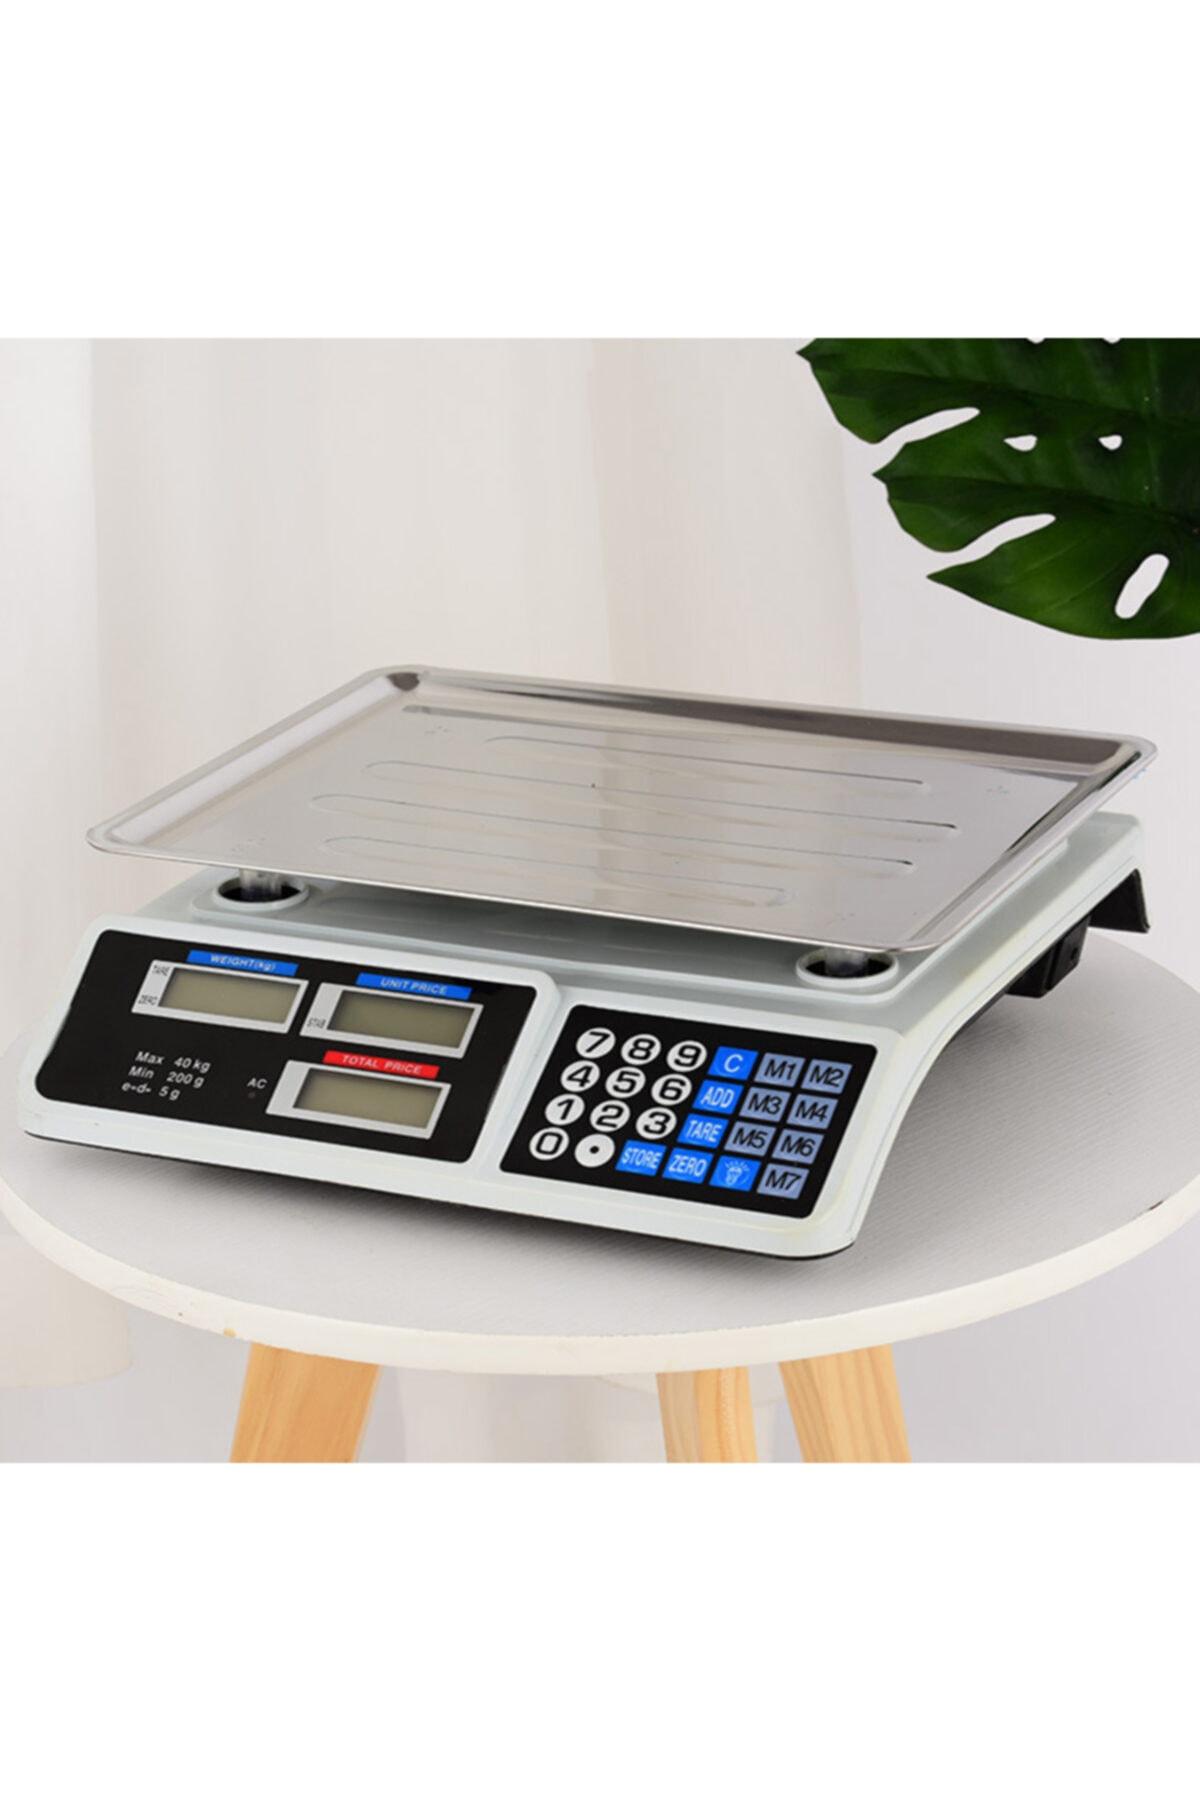 40 kg Şarjlı Elektronik Dijital Hassas Mutfak Manav Bakkal Kasap Terazisi